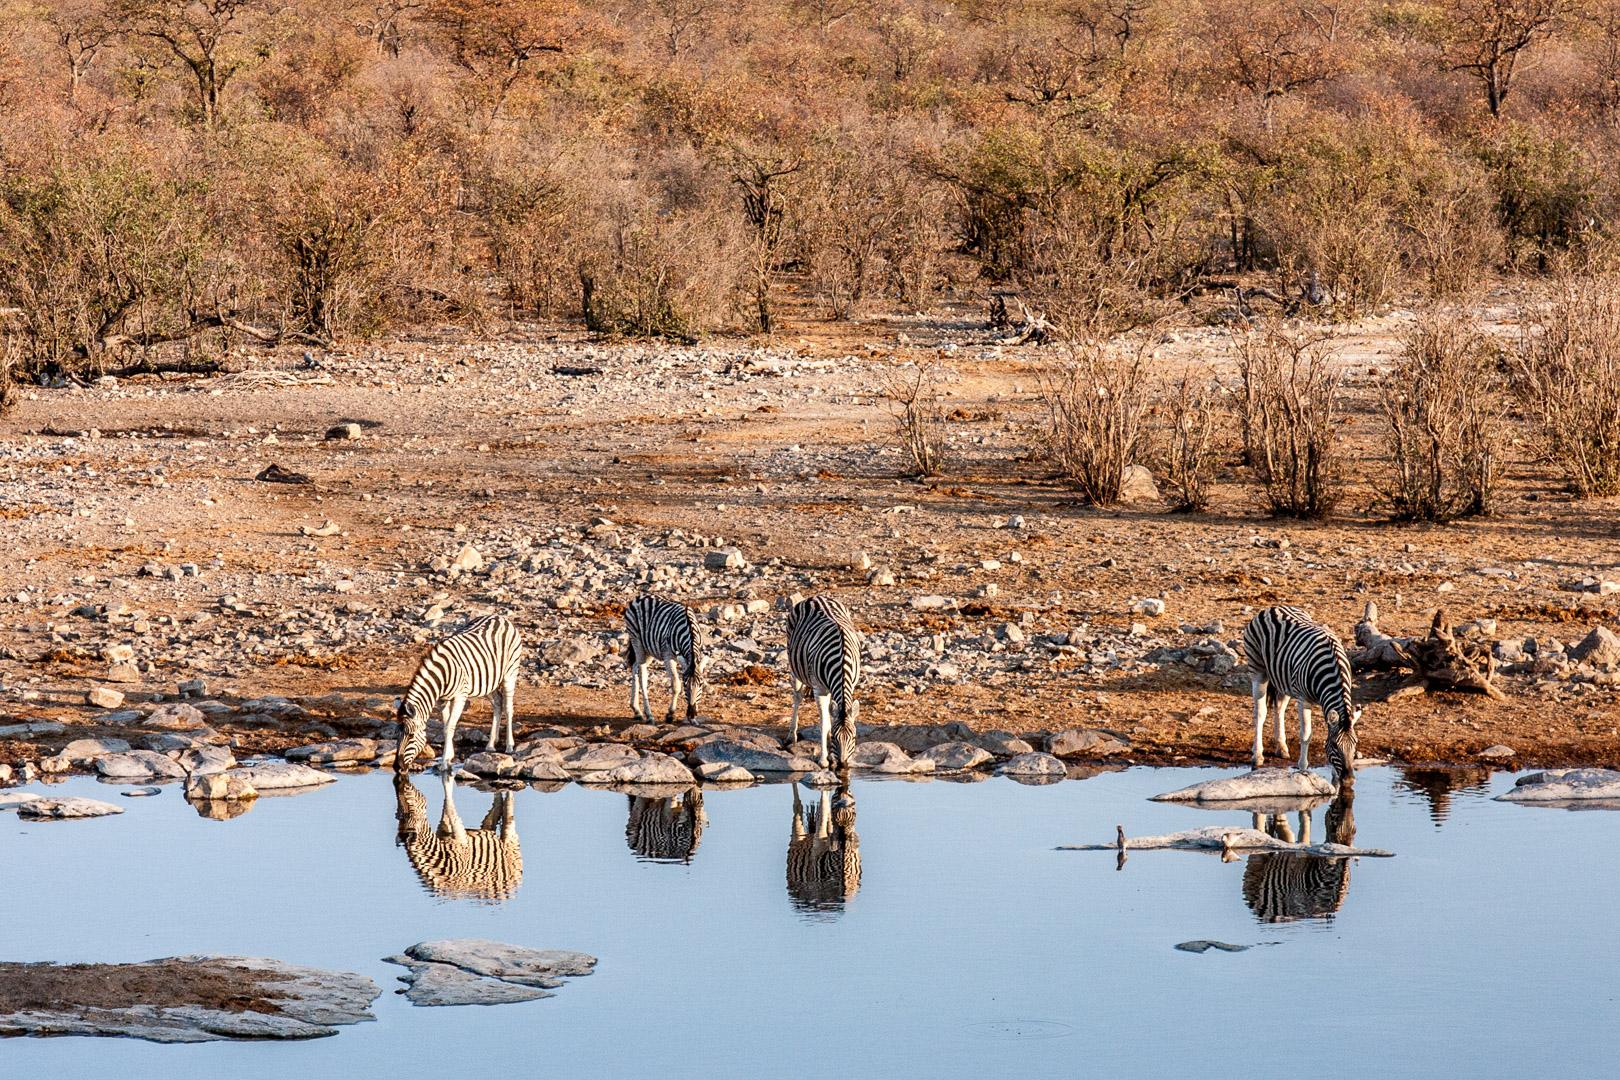 27.7. Moringa Waterhole, Halali - Zebras